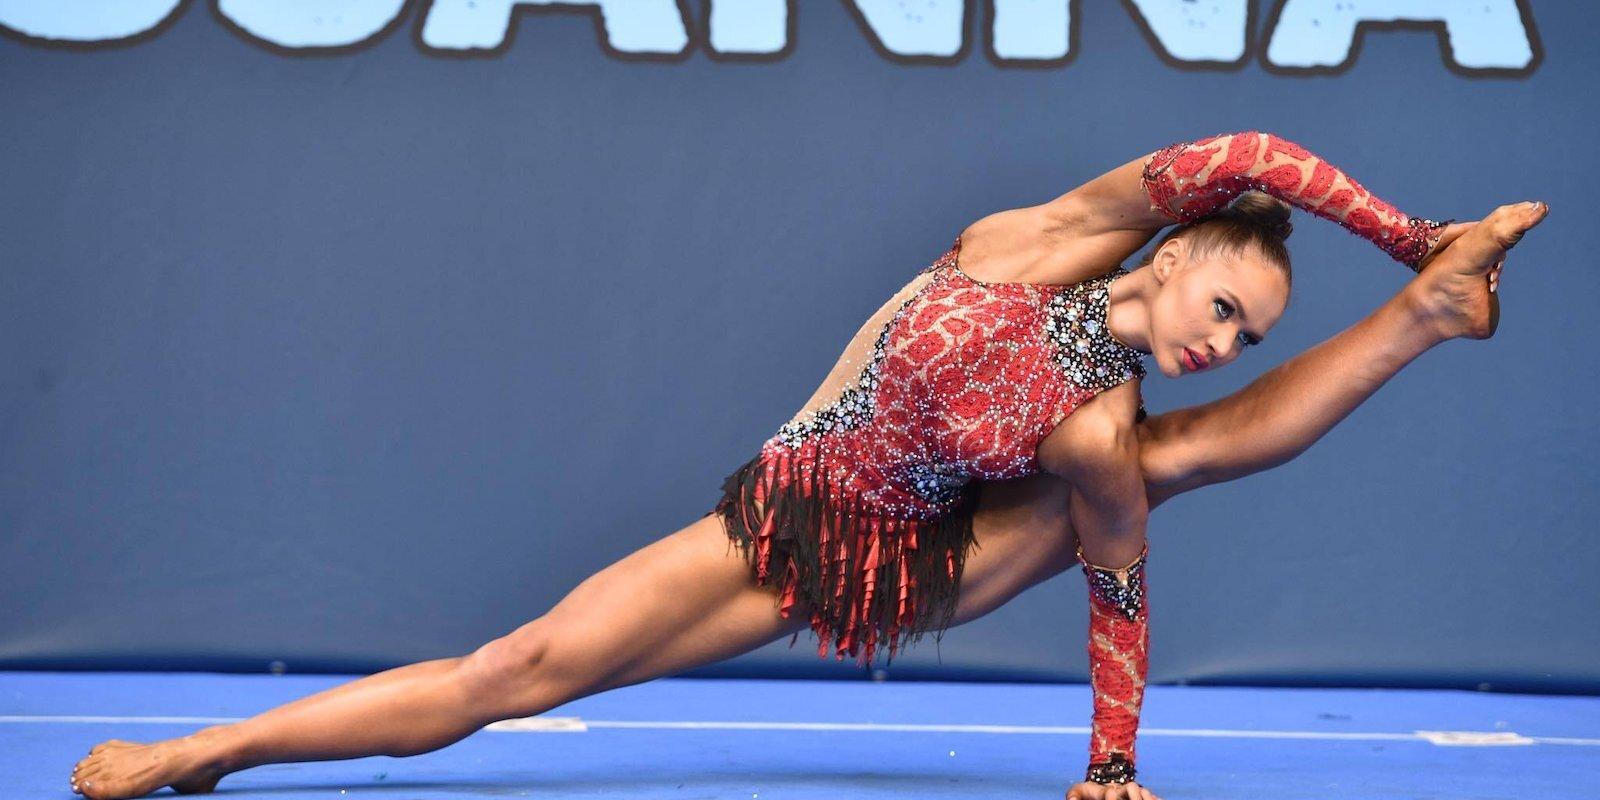 Absolūtā Eiropas čempione fitnesā Vanesa Belova: 'Galvenais ir nepadoties. Nekad.'